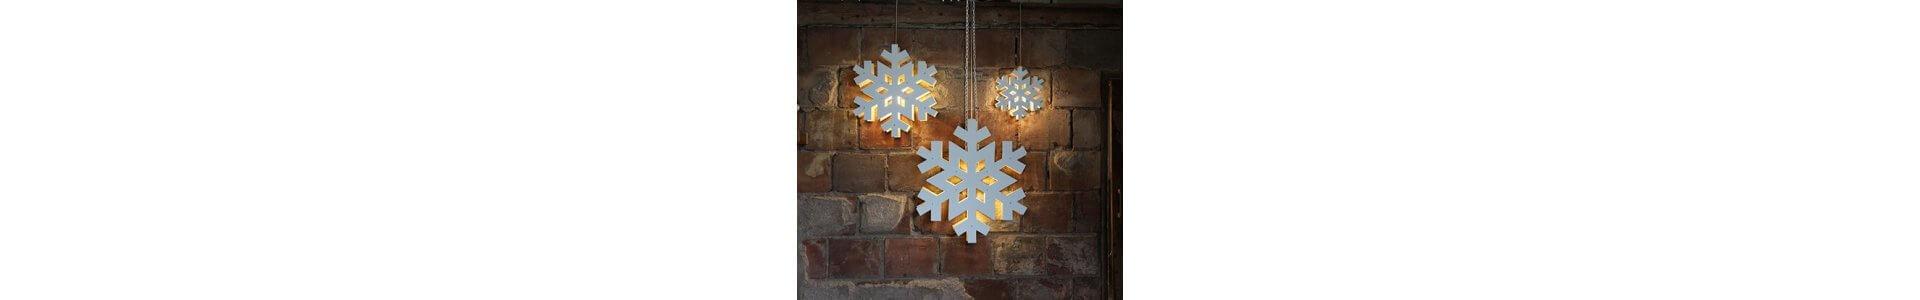 Julbelysning & Juldekoration inomhus